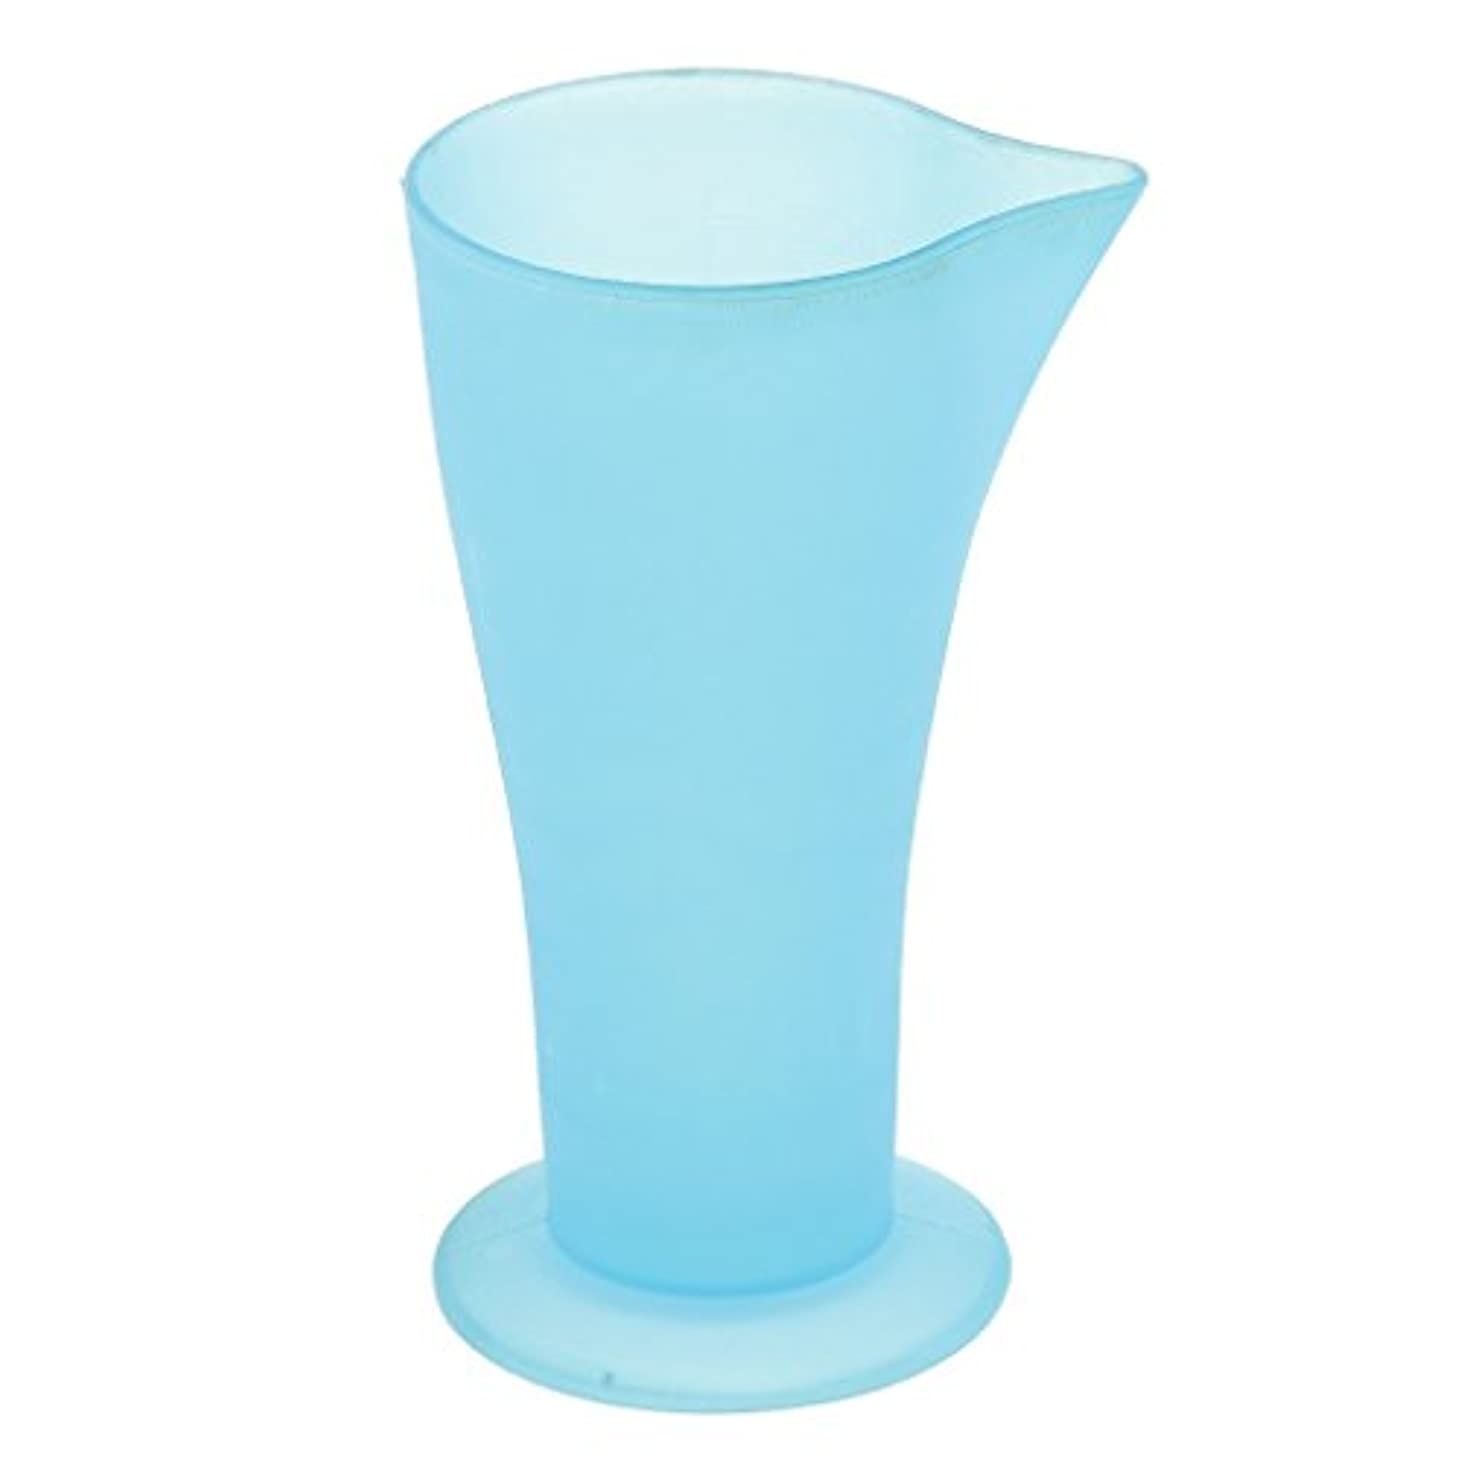 病んでいる些細な迷路実験室のための1x 120mLの明確な青いプラスチックによって卒業する液体の測定のビーカーのコップ